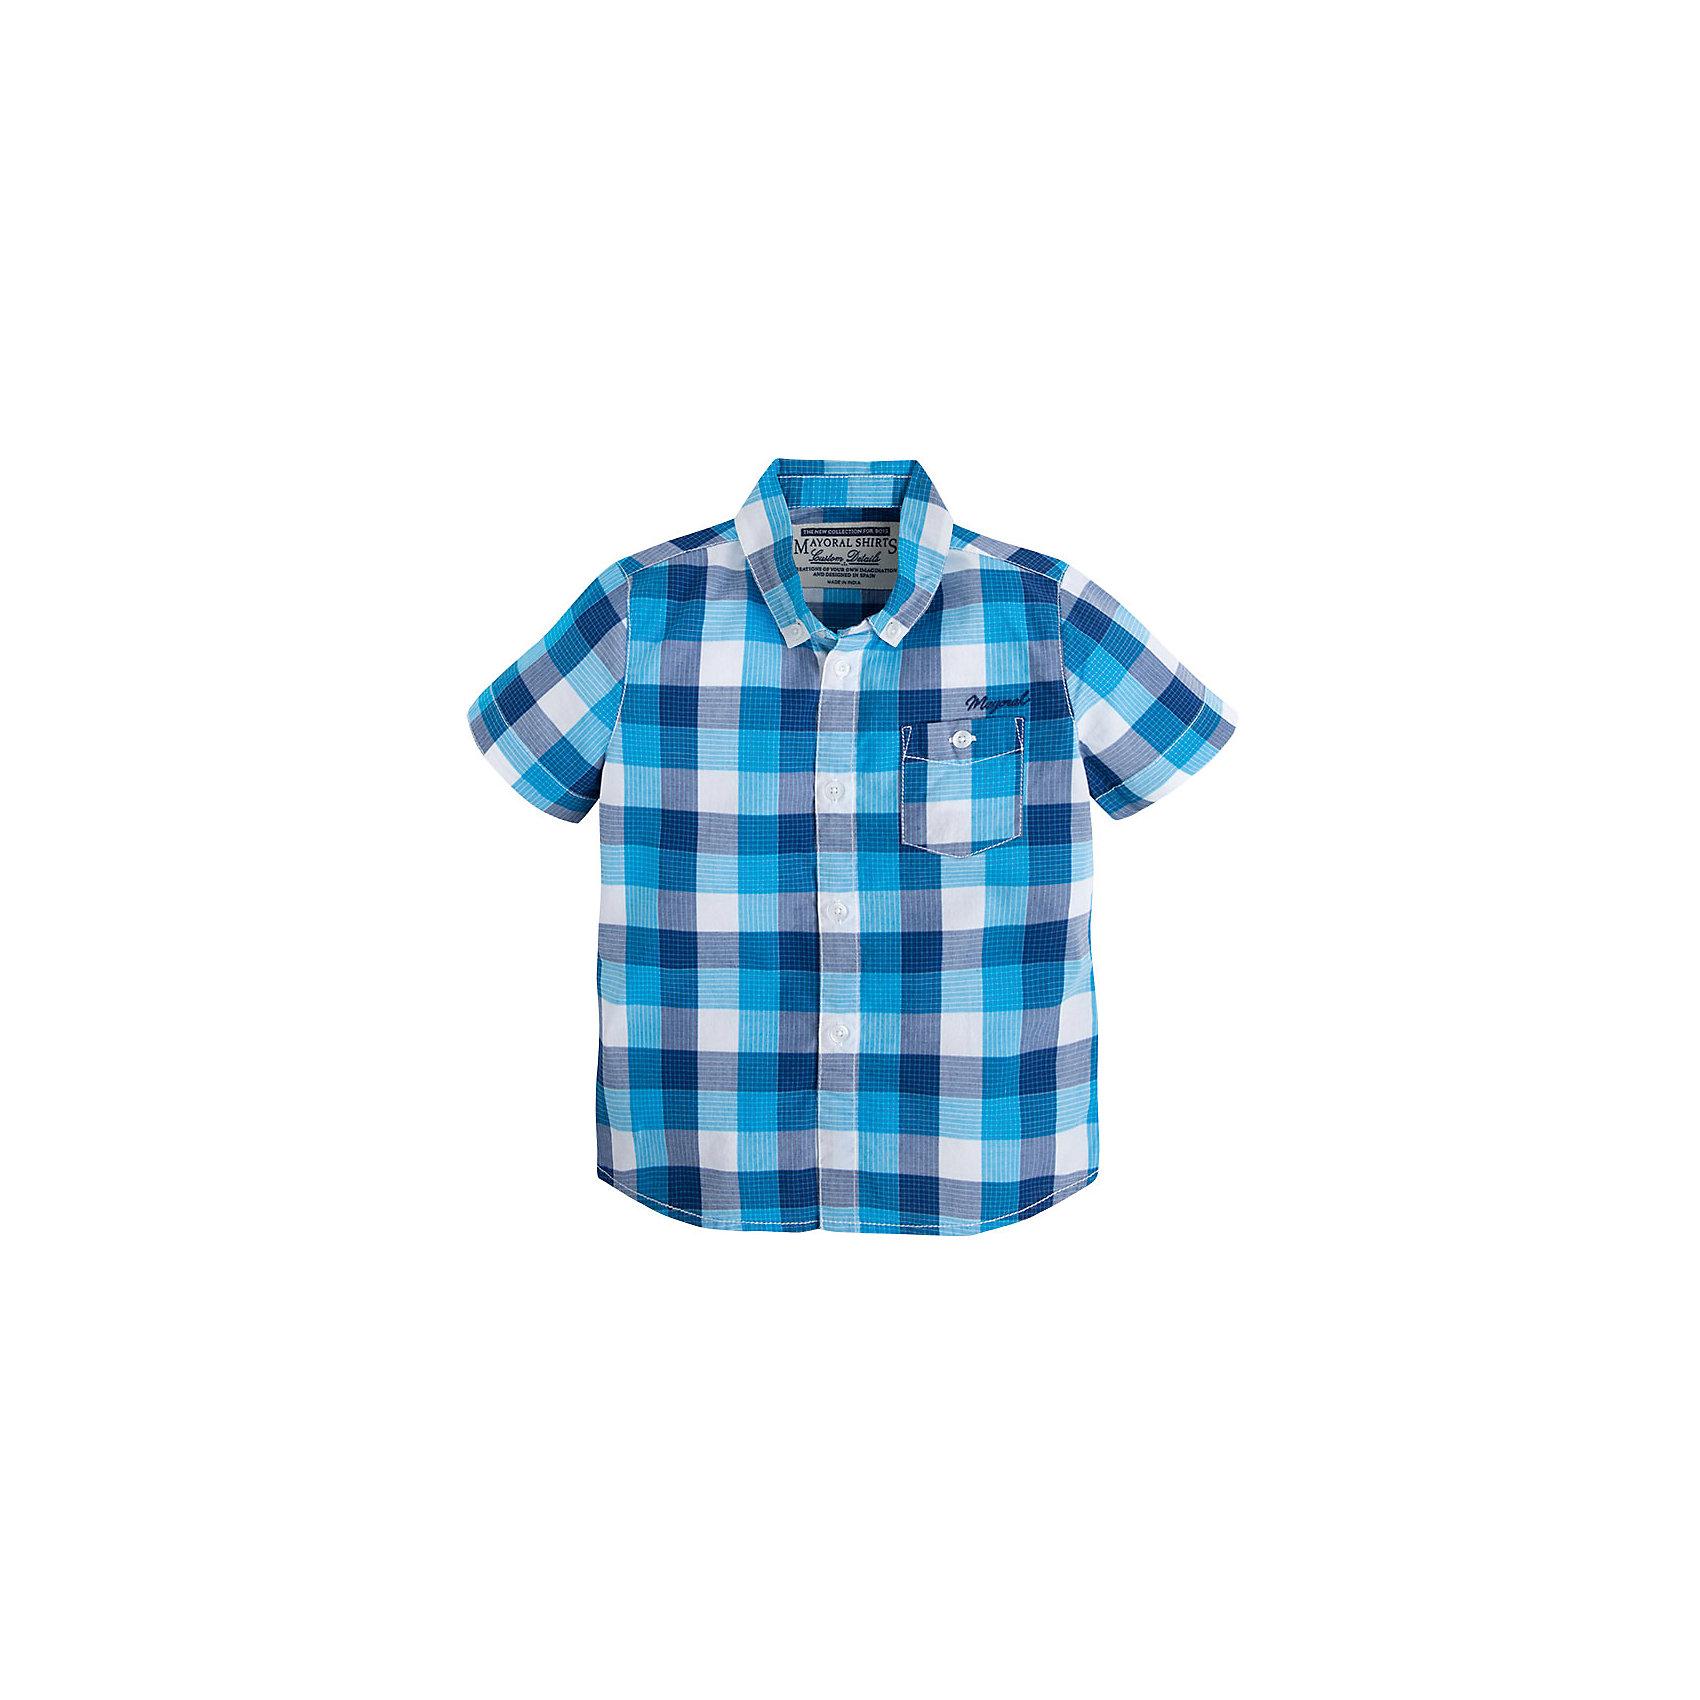 Рубашка для мальчика MayoralБлузки и рубашки<br>Рубашка для мальчика от известной испанской марки Mayoral <br><br>Модная рубашка от Mayoral актуальна и на каждый день и на праздник! Она прекрасно сочетается с джинсами и брюками.  Модель выполнена из качественных материалов, отлично сидит по фигуре.<br><br>Особенности модели:<br><br>- цвет: клетка;<br>- рукава короткие;<br>- застежки - пуговицы;<br>- украшена вышивкой;<br>- натуральный материал.<br><br>Дополнительная информация:<br><br>Состав: 100% хлопок<br><br>Рубашку для мальчика Mayoral (Майорал) можно купить в нашем магазине.<br><br>Ширина мм: 174<br>Глубина мм: 10<br>Высота мм: 169<br>Вес г: 157<br>Цвет: голубой<br>Возраст от месяцев: 24<br>Возраст до месяцев: 36<br>Пол: Мужской<br>Возраст: Детский<br>Размер: 98,128,116,110,122,104,134<br>SKU: 4541788